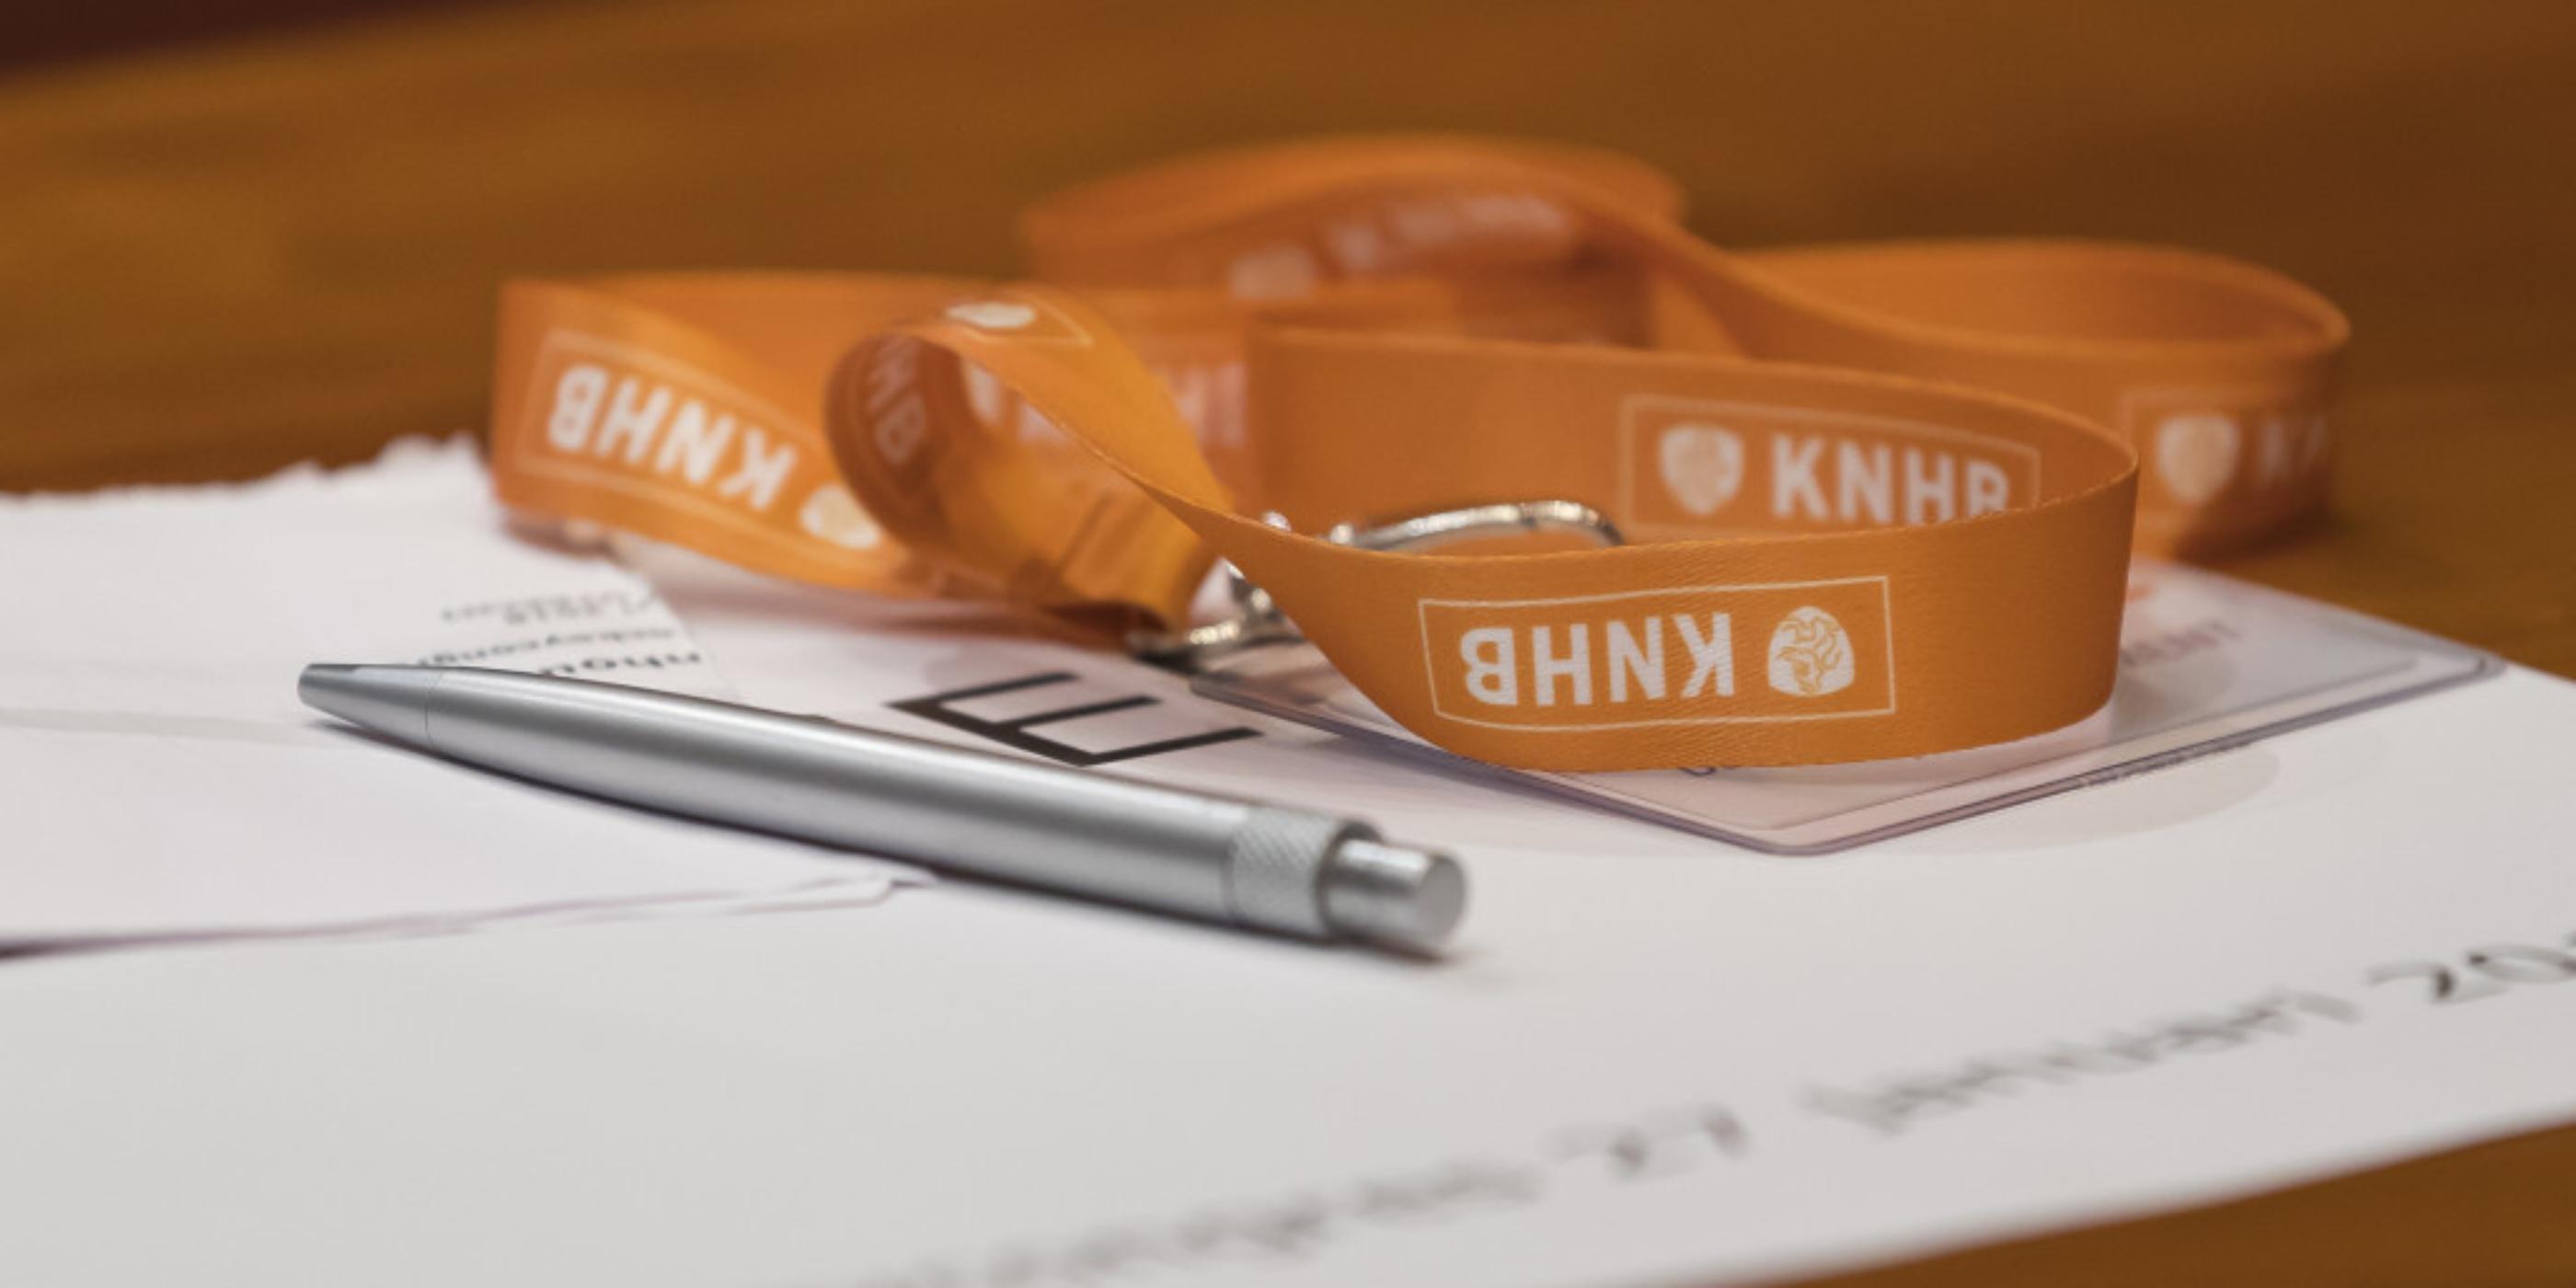 Algemene Vergadering KNHB uitgesteld